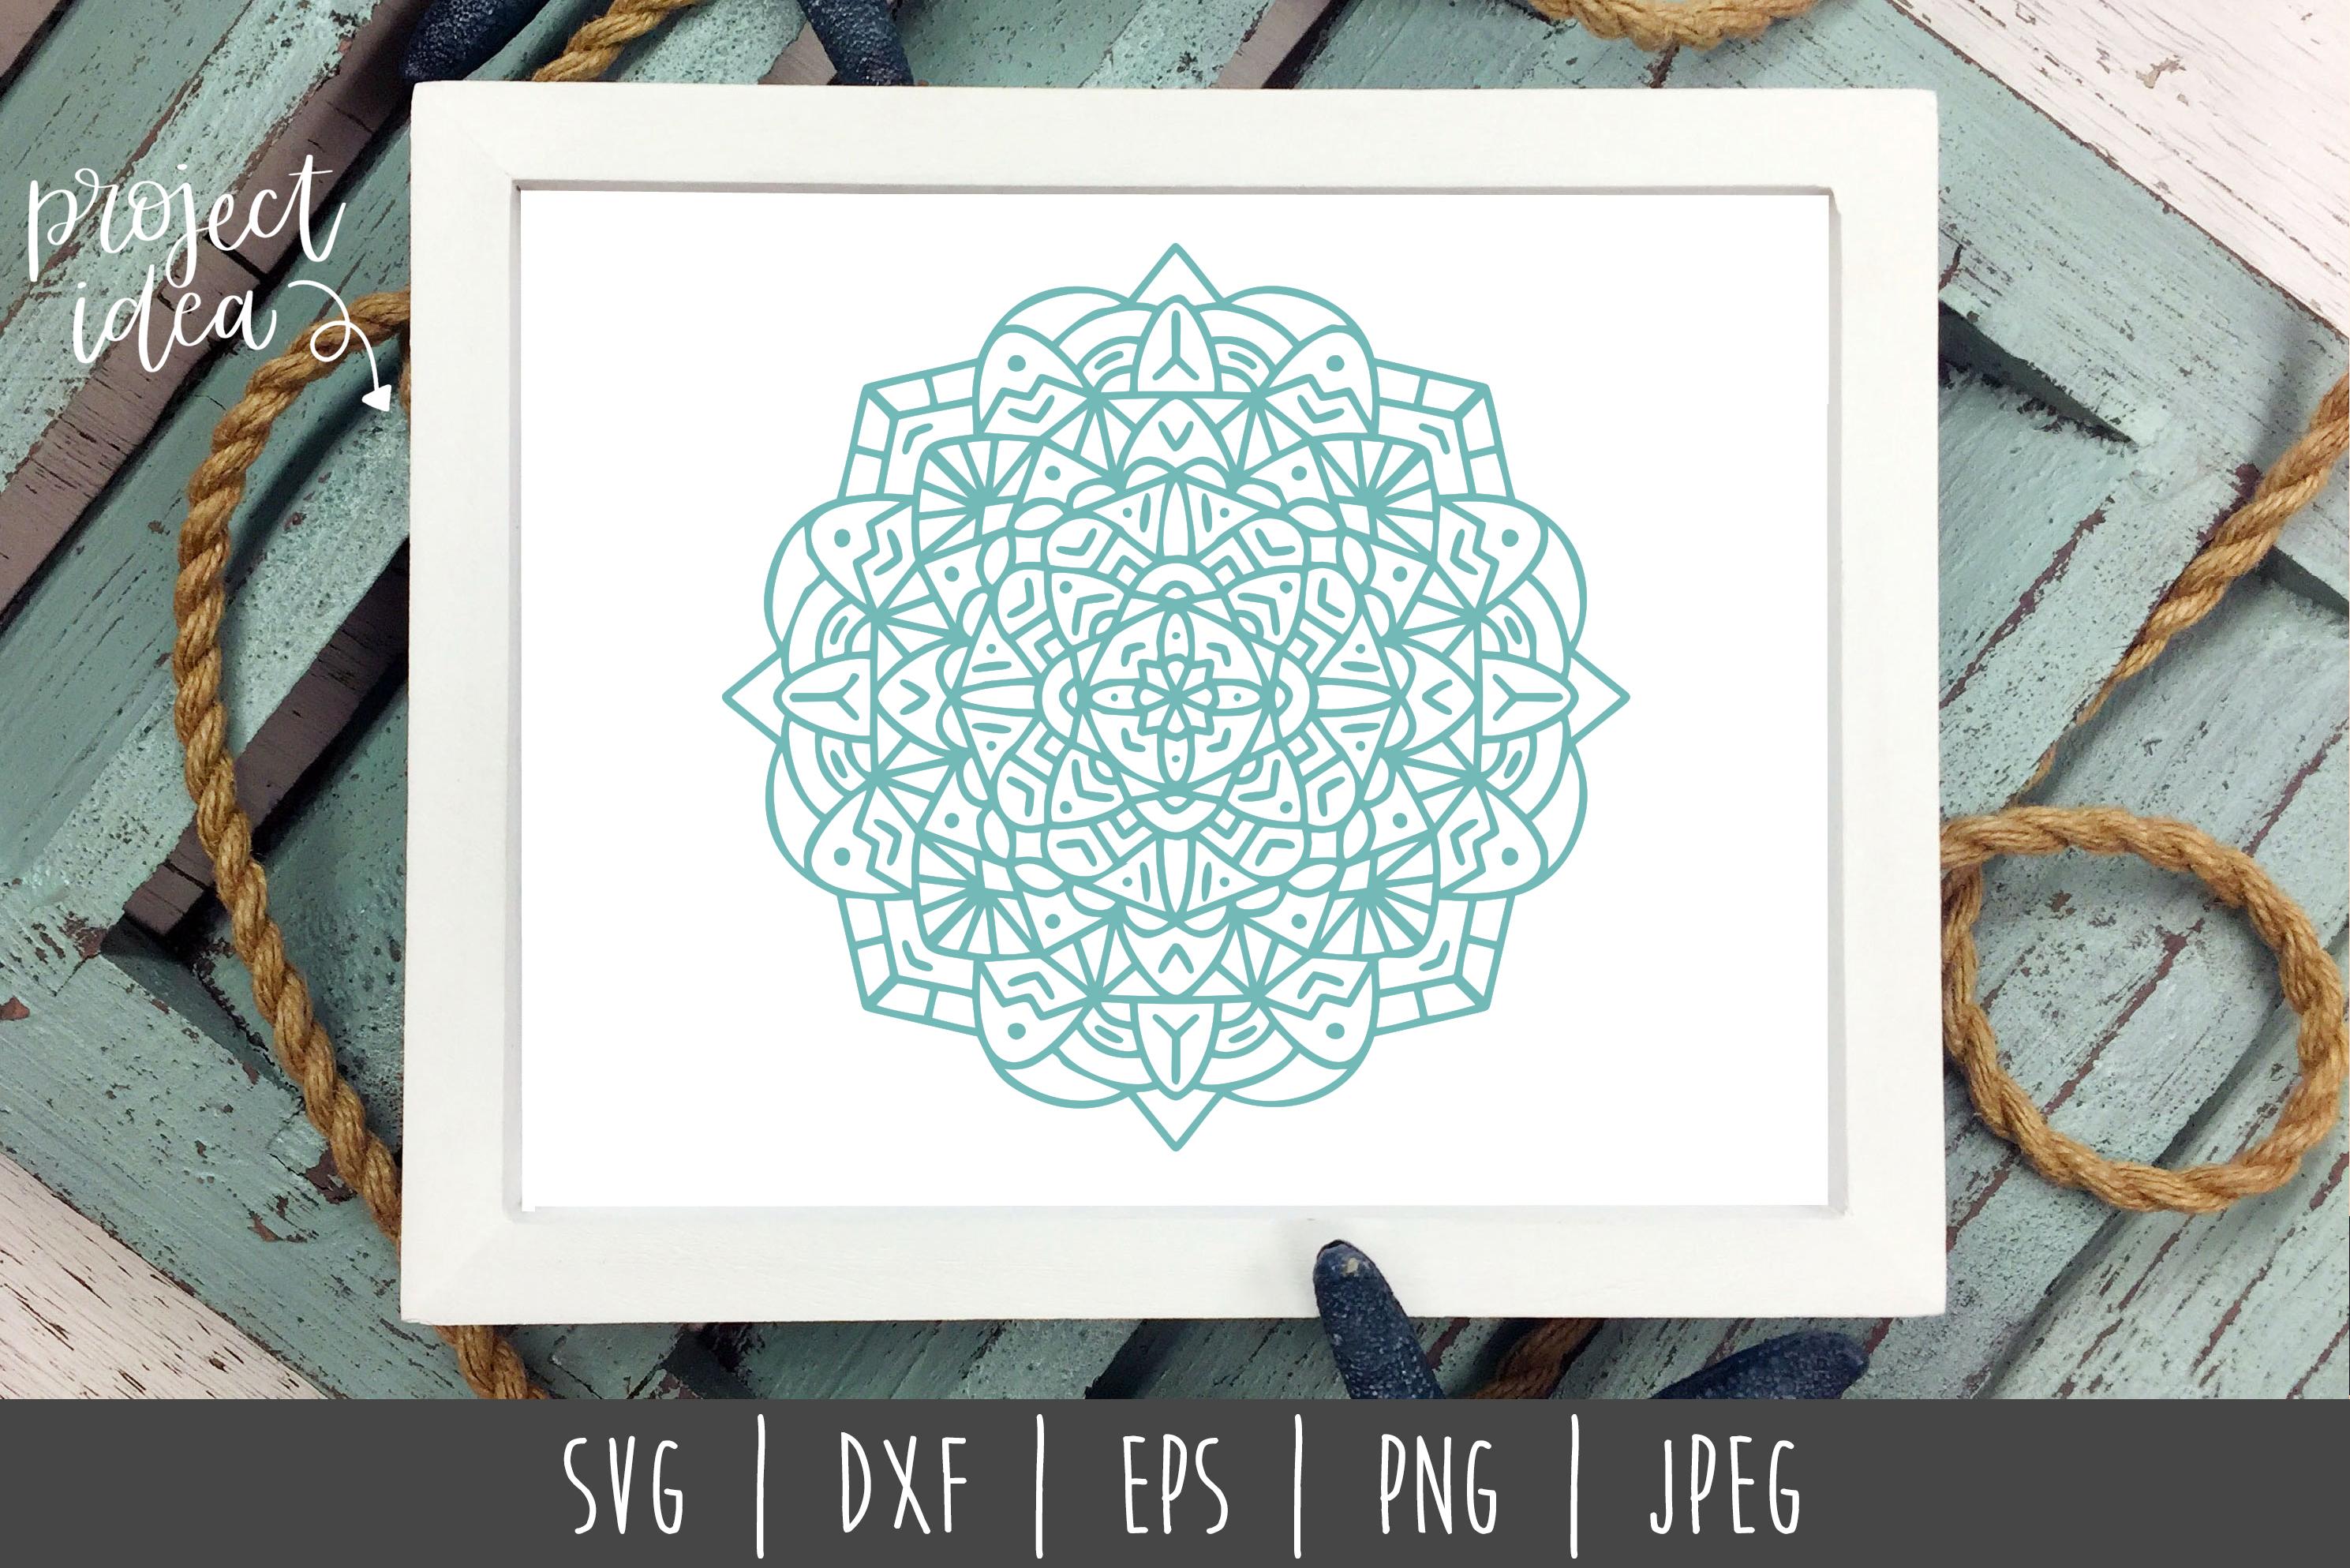 Mandala SVG, DXF, EPS, PNG, JPEG example image 2